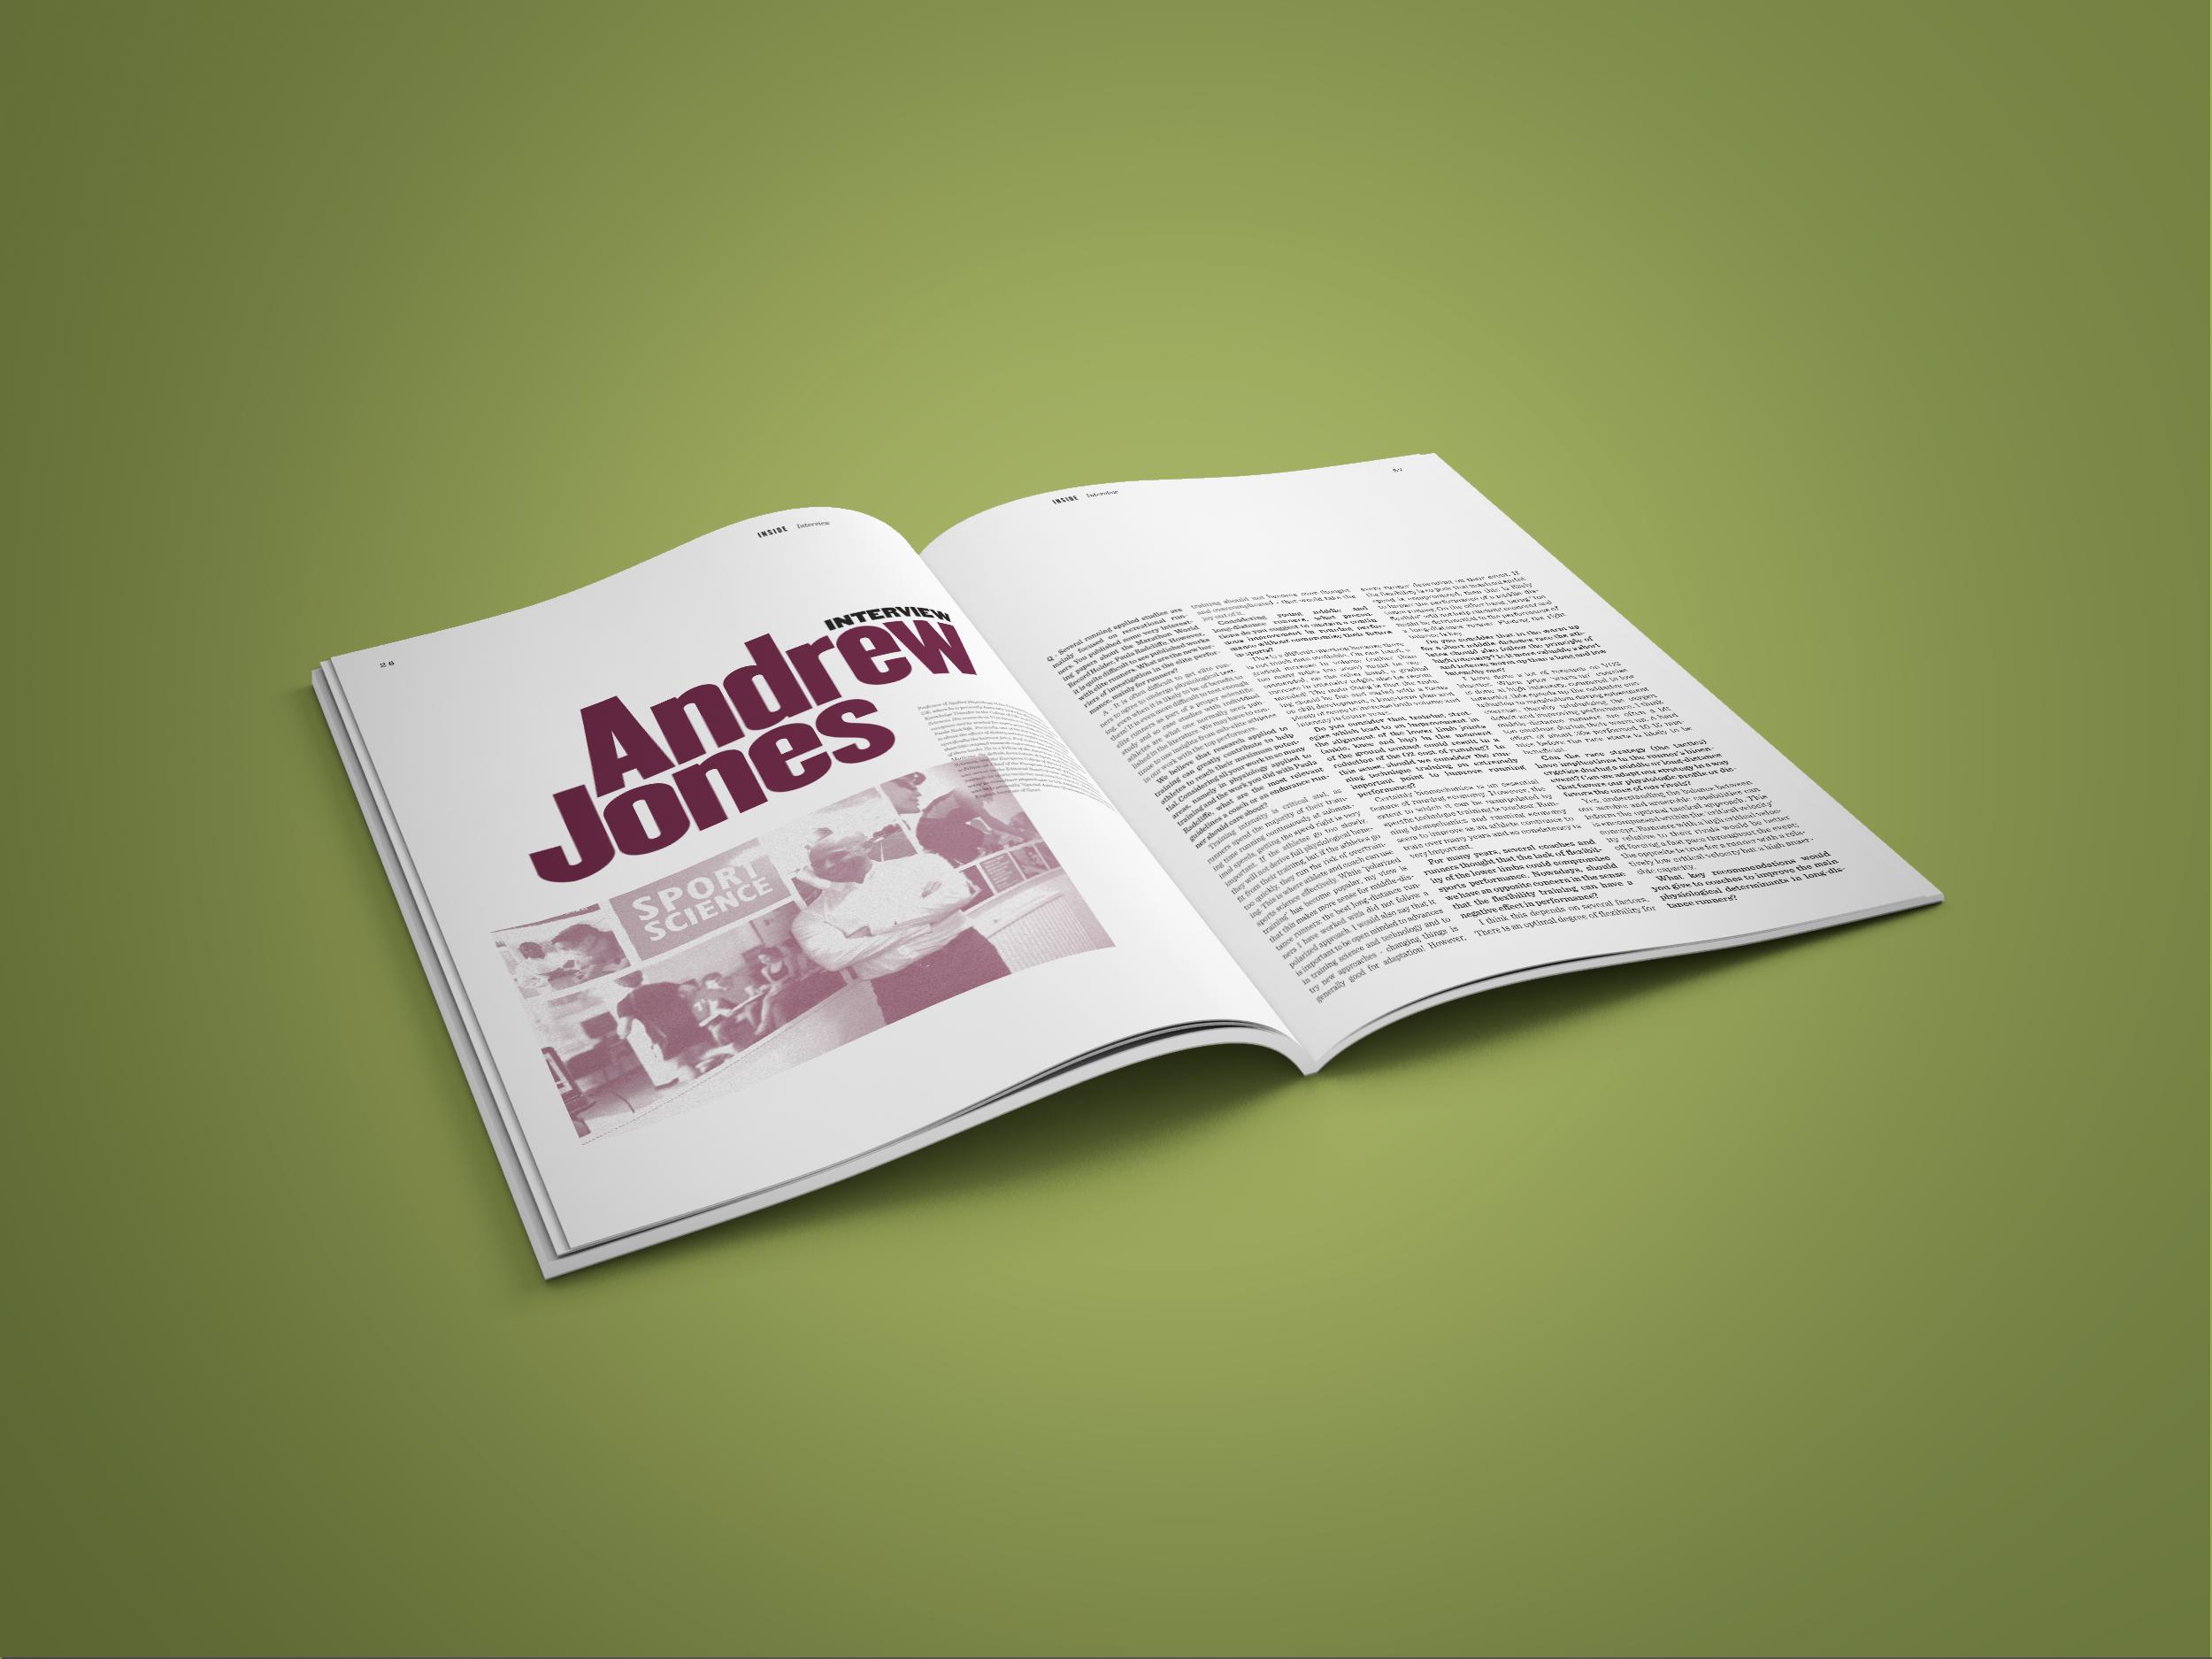 Andrew Jones é um investigador reputado no desporto e que foi durante vários anos responsável pela avaliação da recordista do mundo da Maratona, Paula Radcliffe. Tem na edição nº 2 uma entrevista com conteúdos muito relevantes.